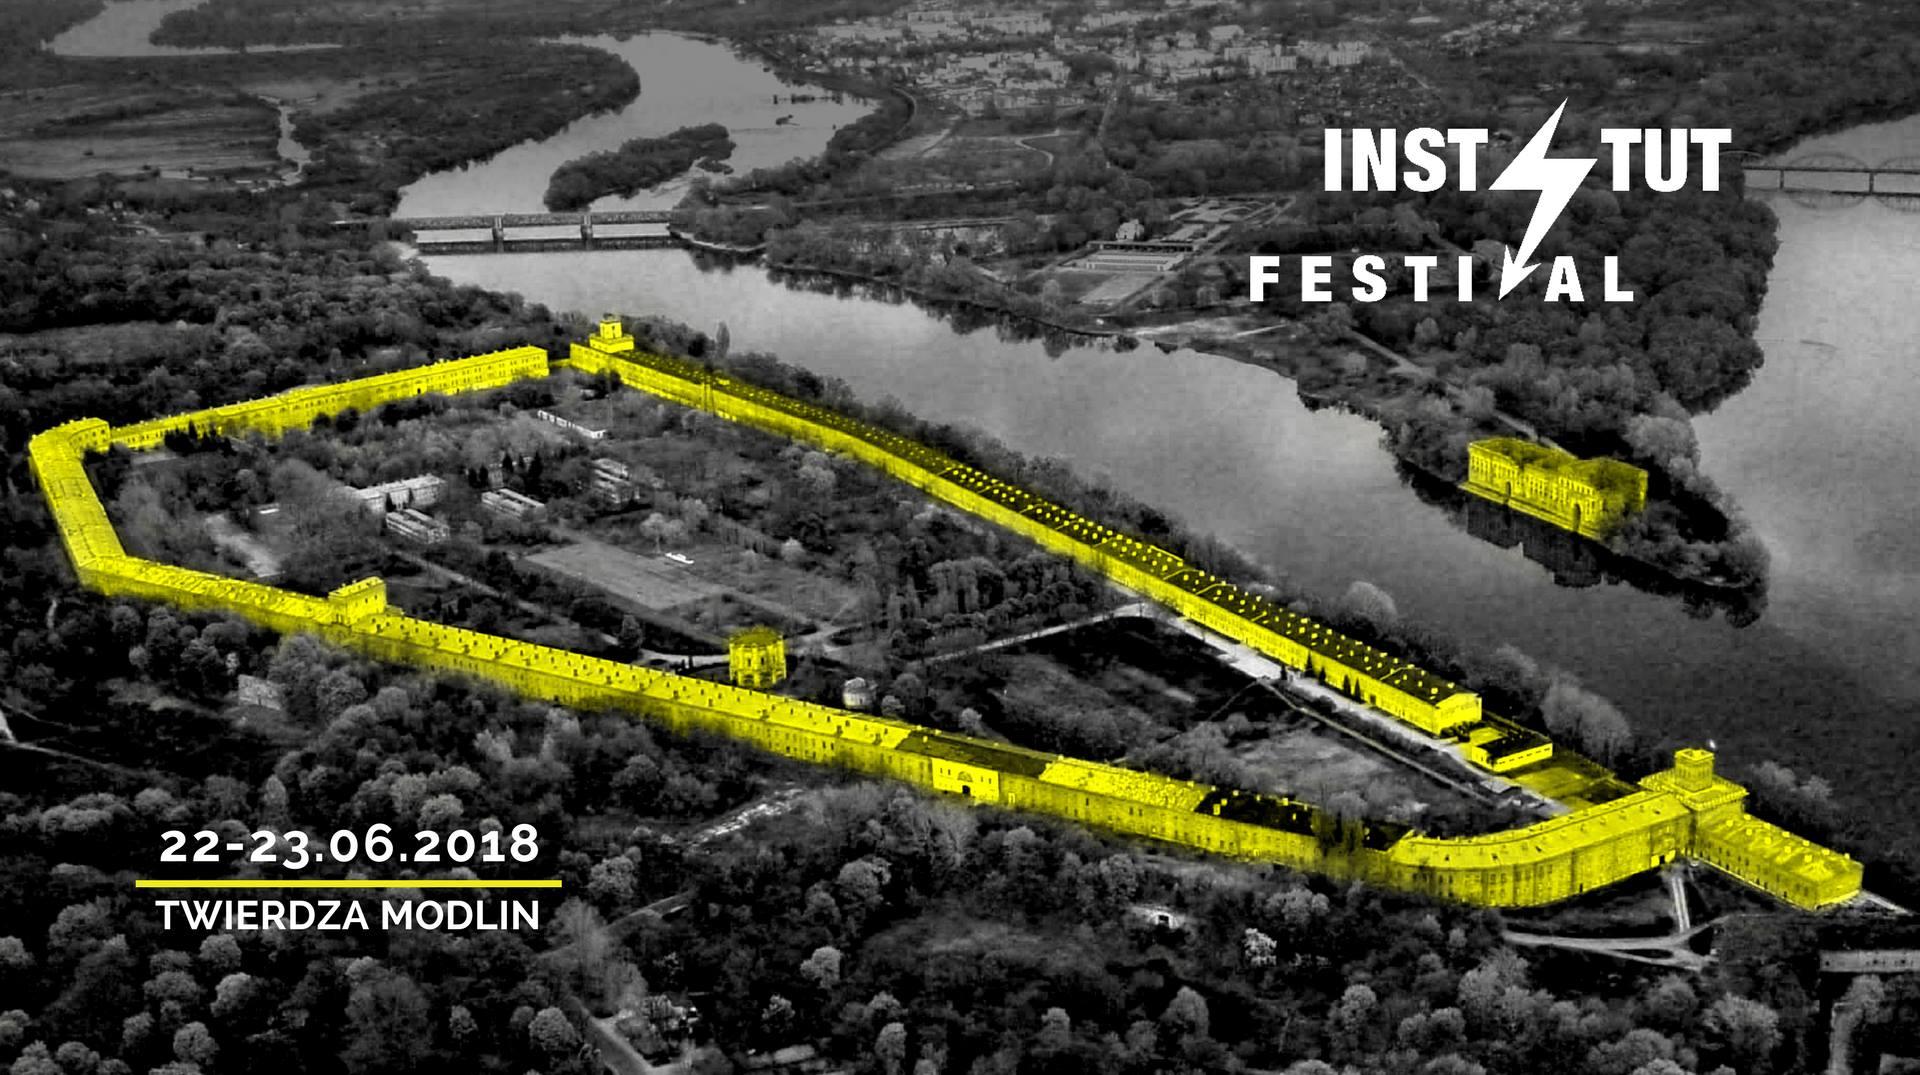 Instytut Festival 2018 Music & Art || Data już znana!